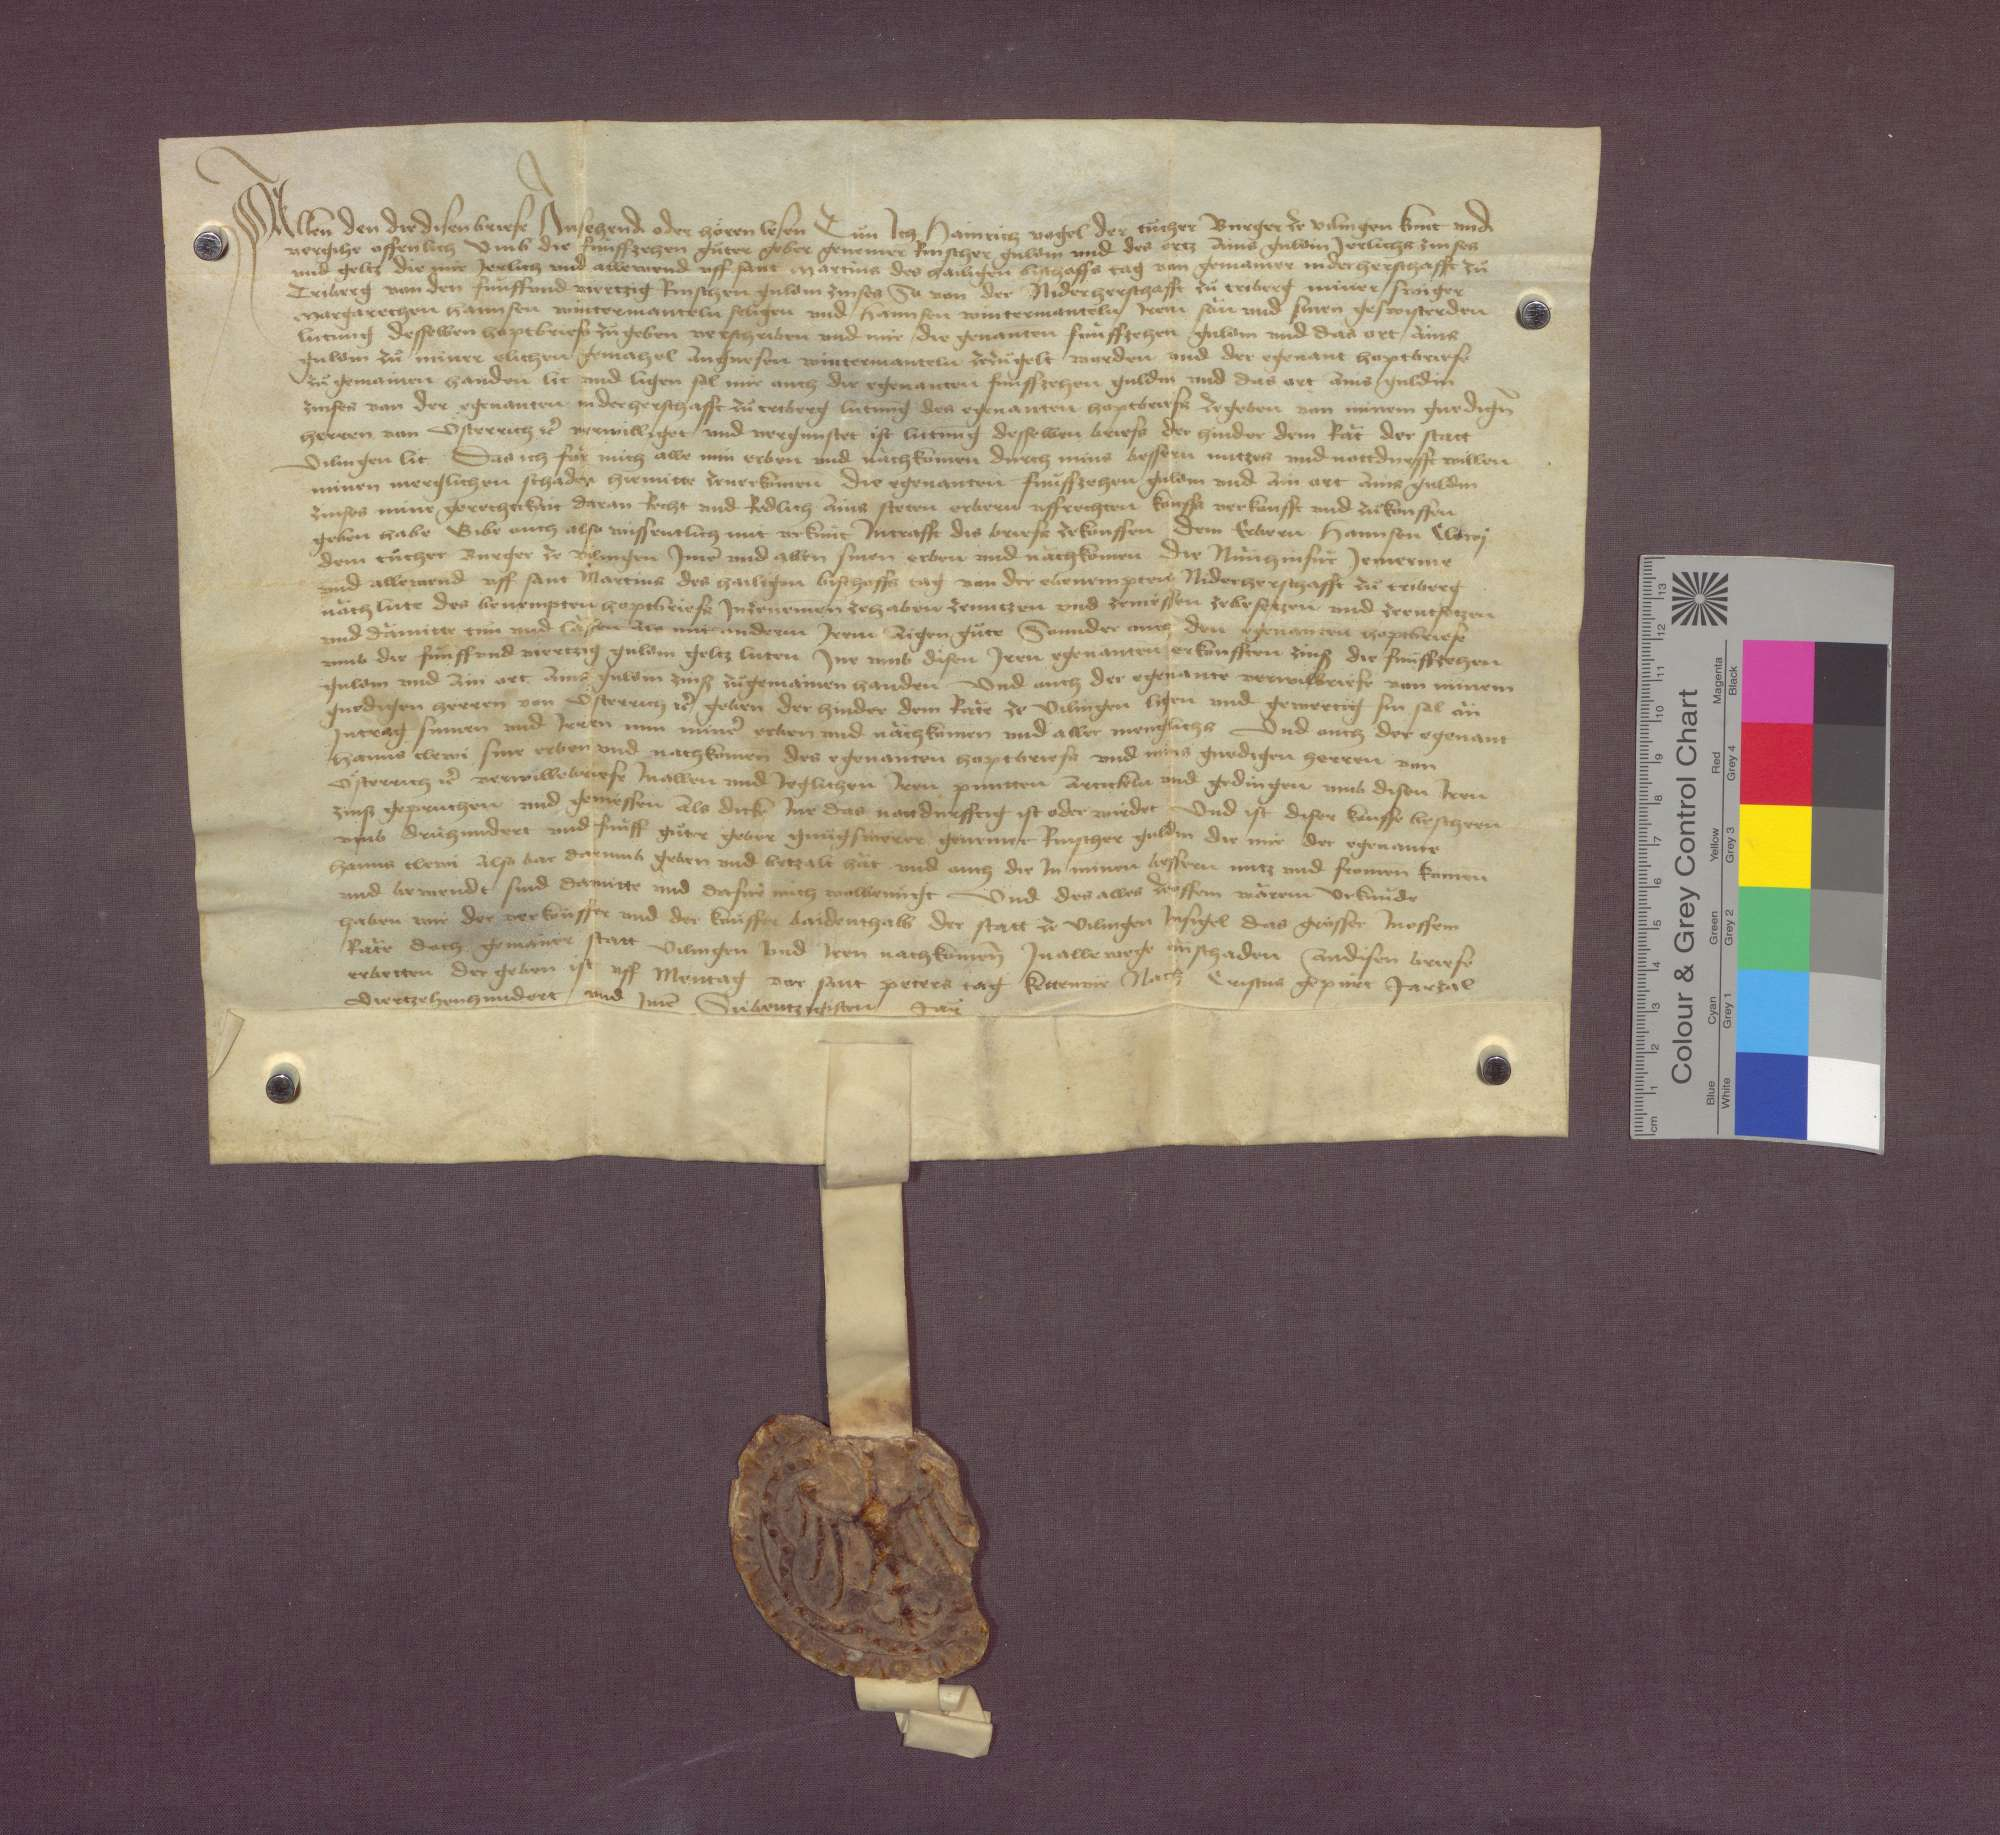 Konrad Vogel, Tucher zu Villingen, verkauft 15 1/4 Gulden Zins von der Niederherrschaft Triberg an Hans Clewi zu Villingen., Bild 1